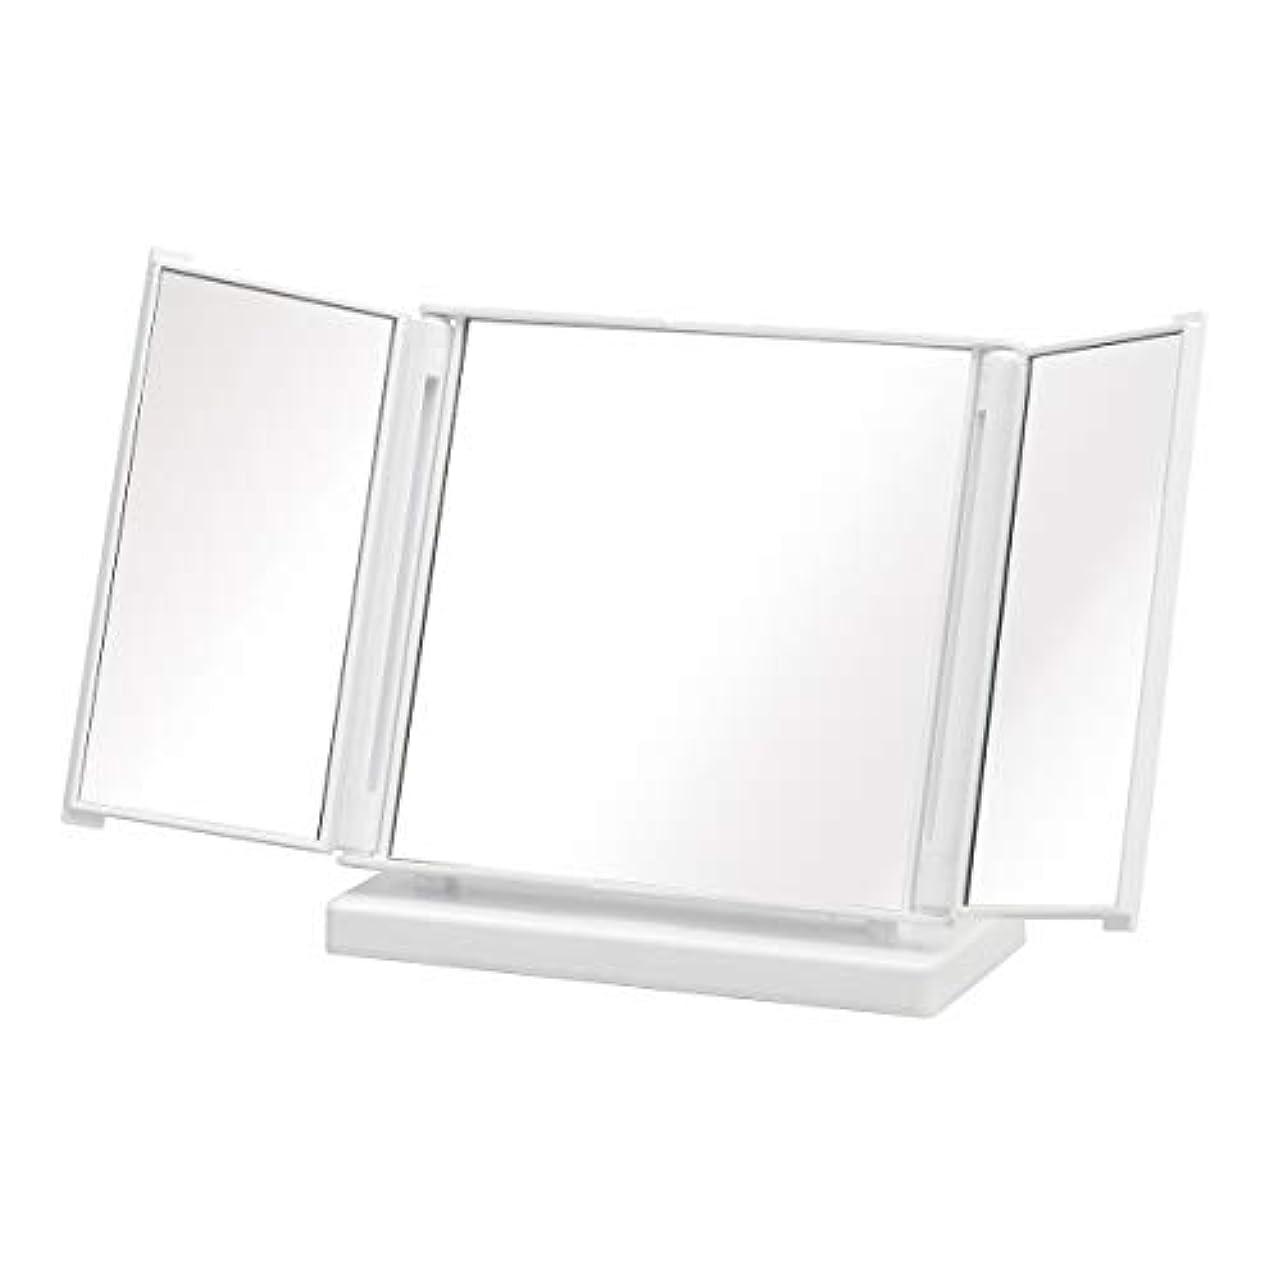 インセンティブスパイ傾斜三面鏡 ミラー 鏡 三面 かがみ メイク コンパクト ミニ ホワイト